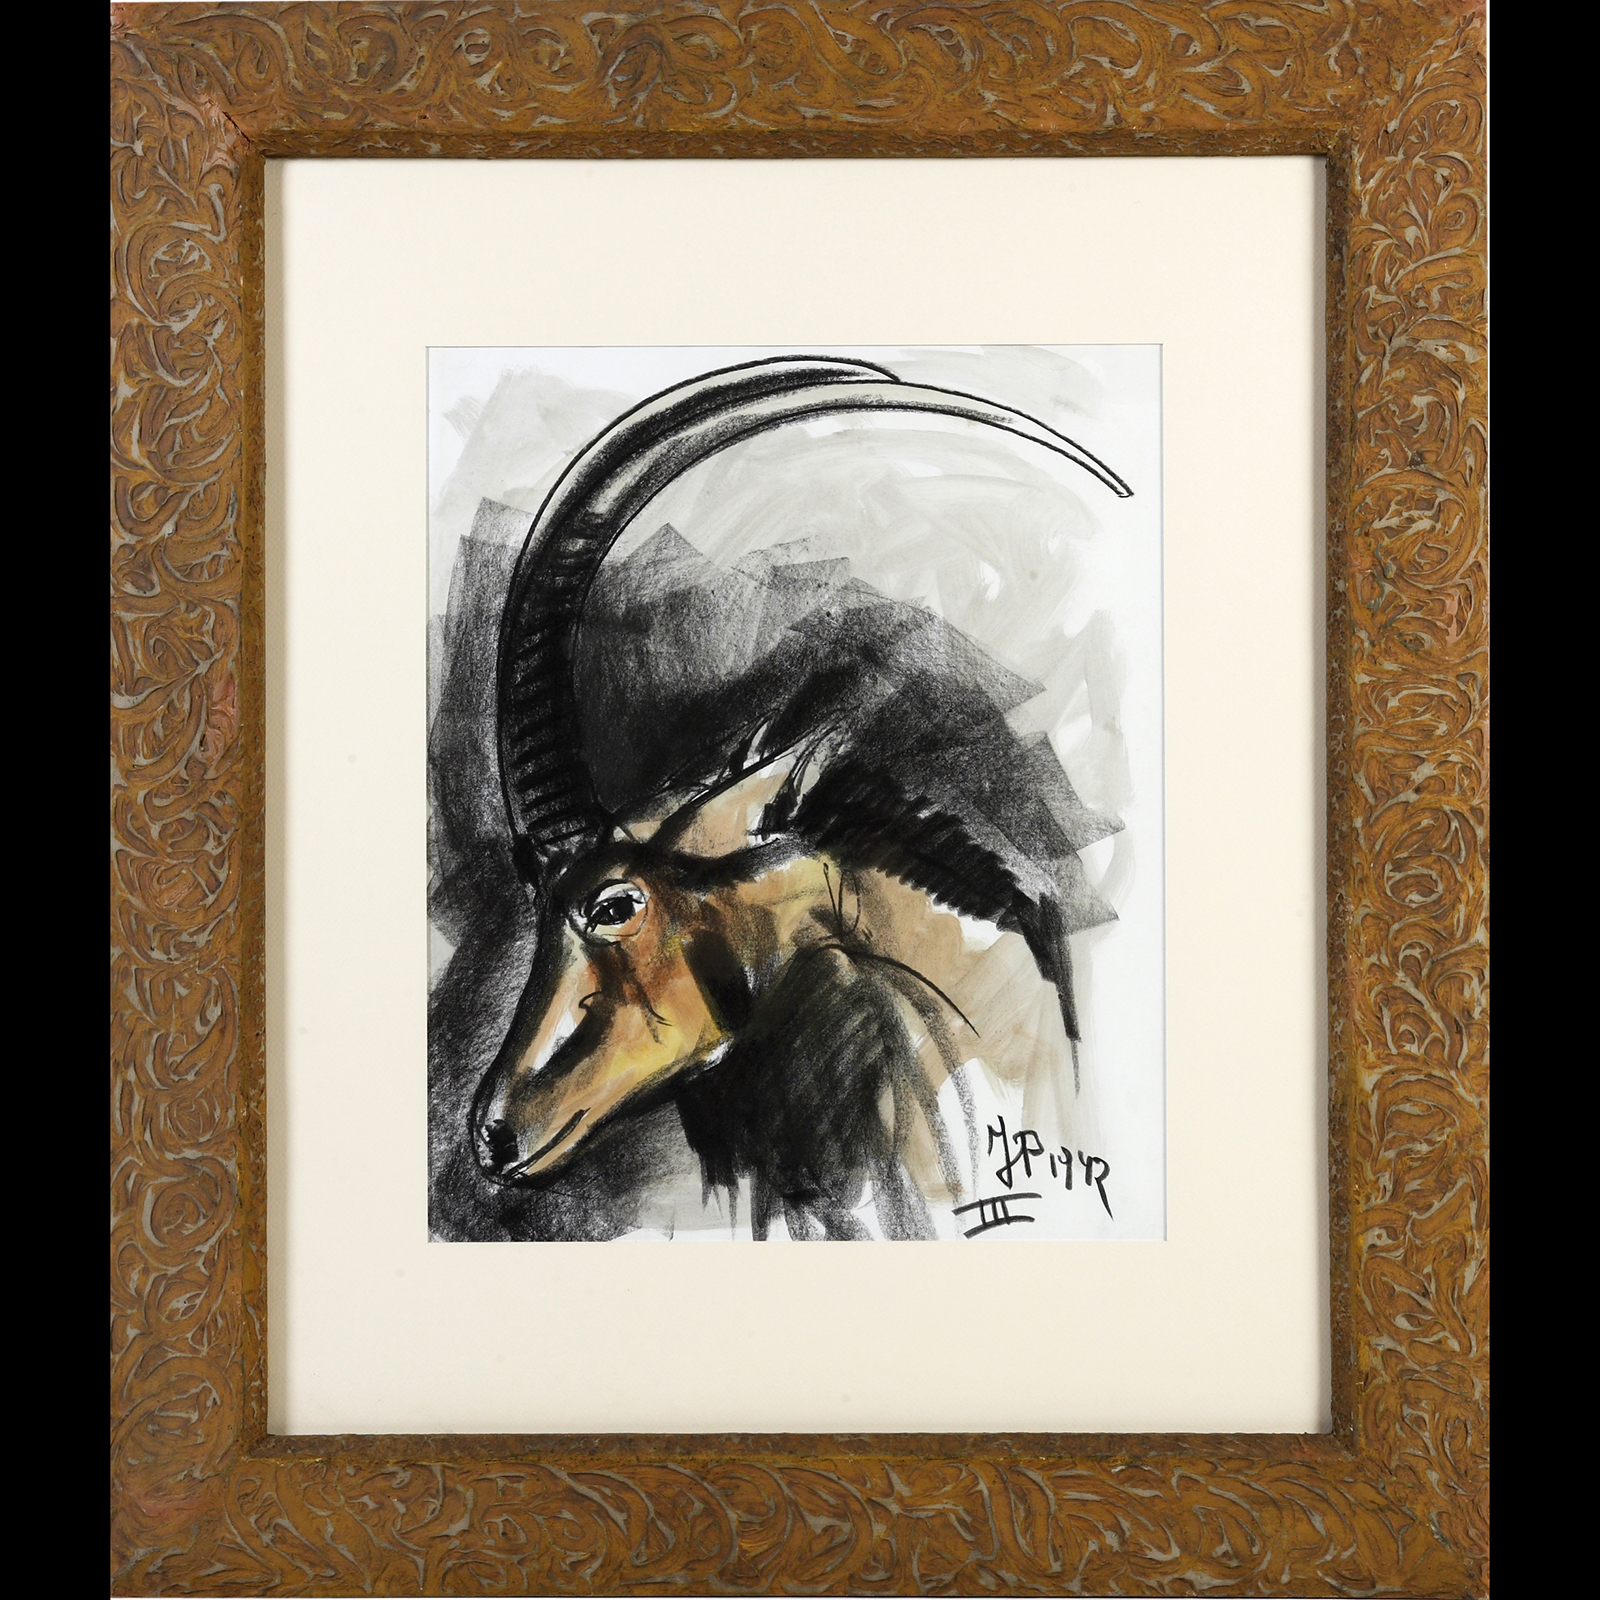 Jean Poulain - Oryx